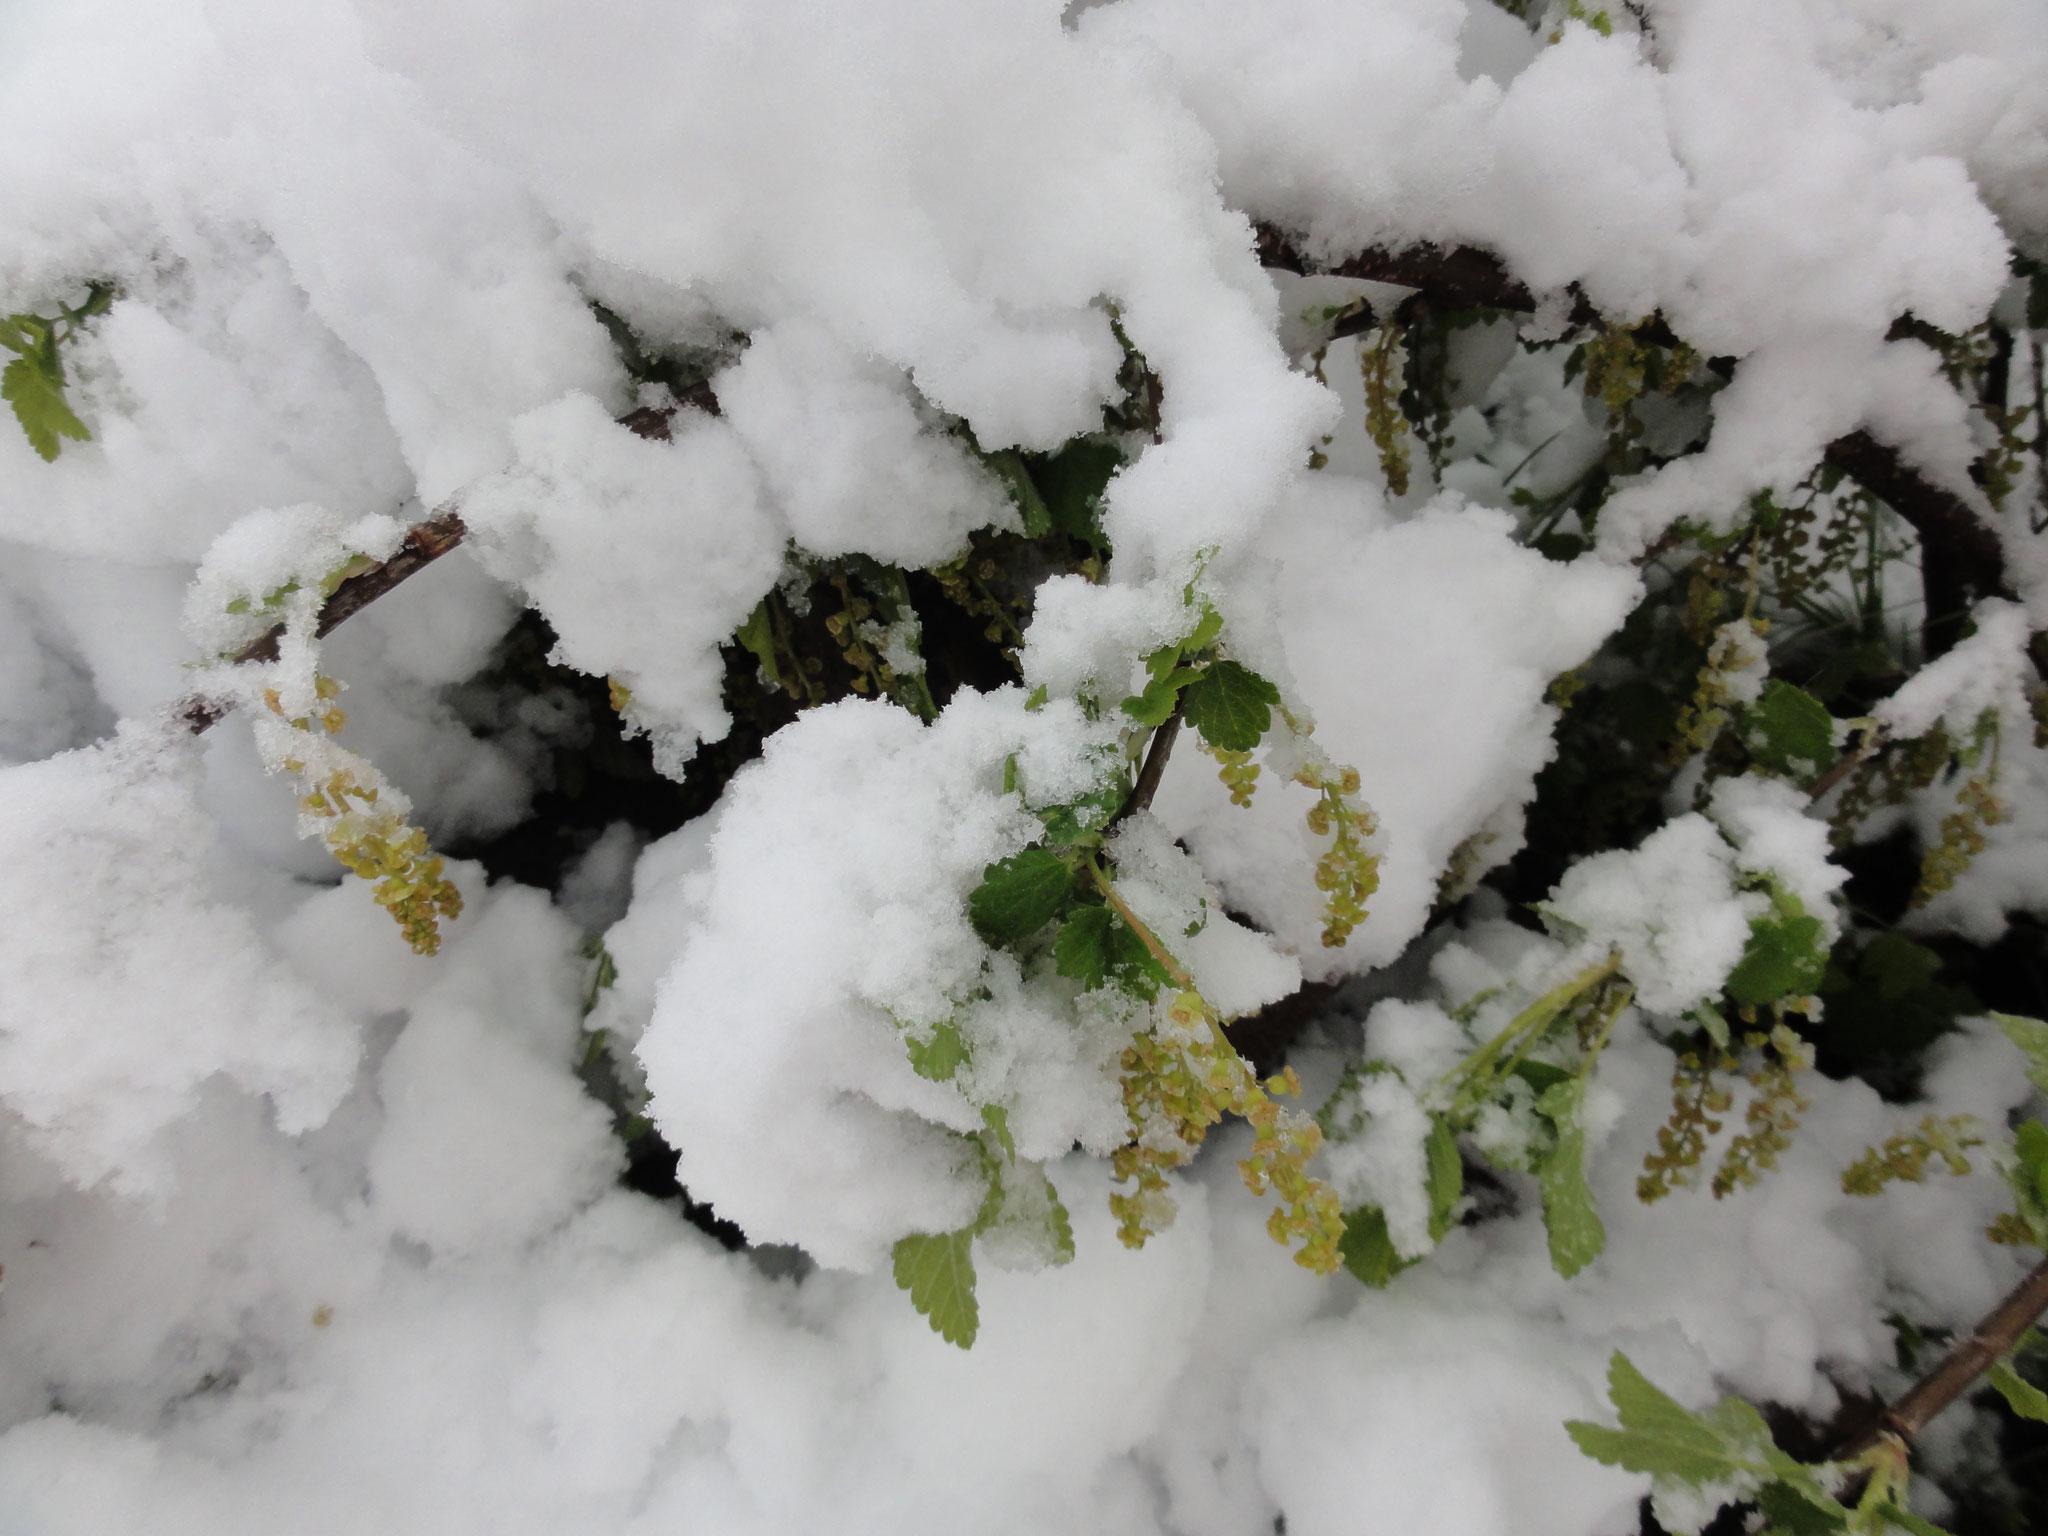 28. April 2017 vom Schnee begrabene blühende Johannisbeeren